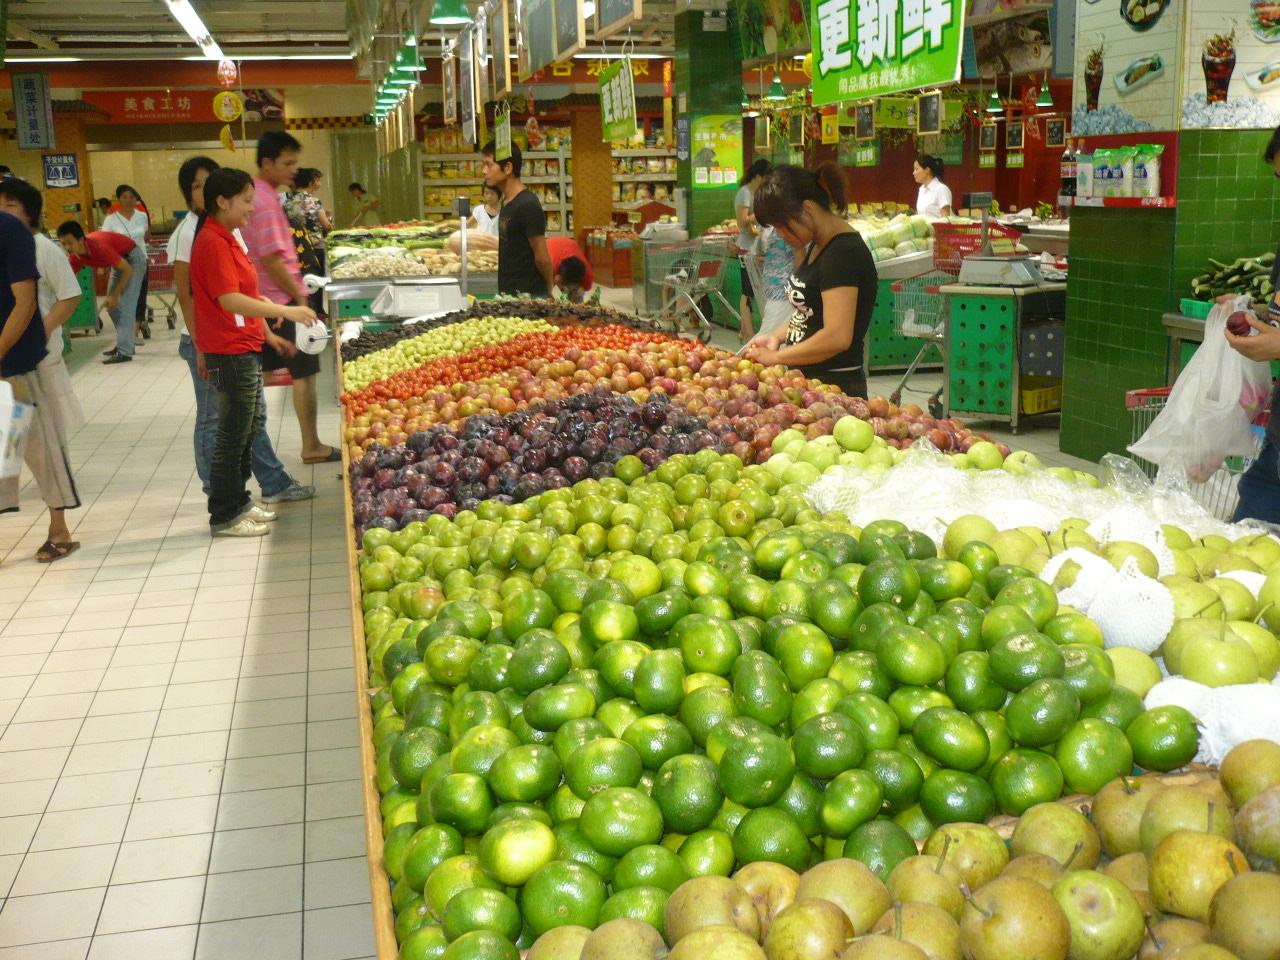 原创 揭秘 生鲜超市蔬菜陈列样式 更新 超市 联